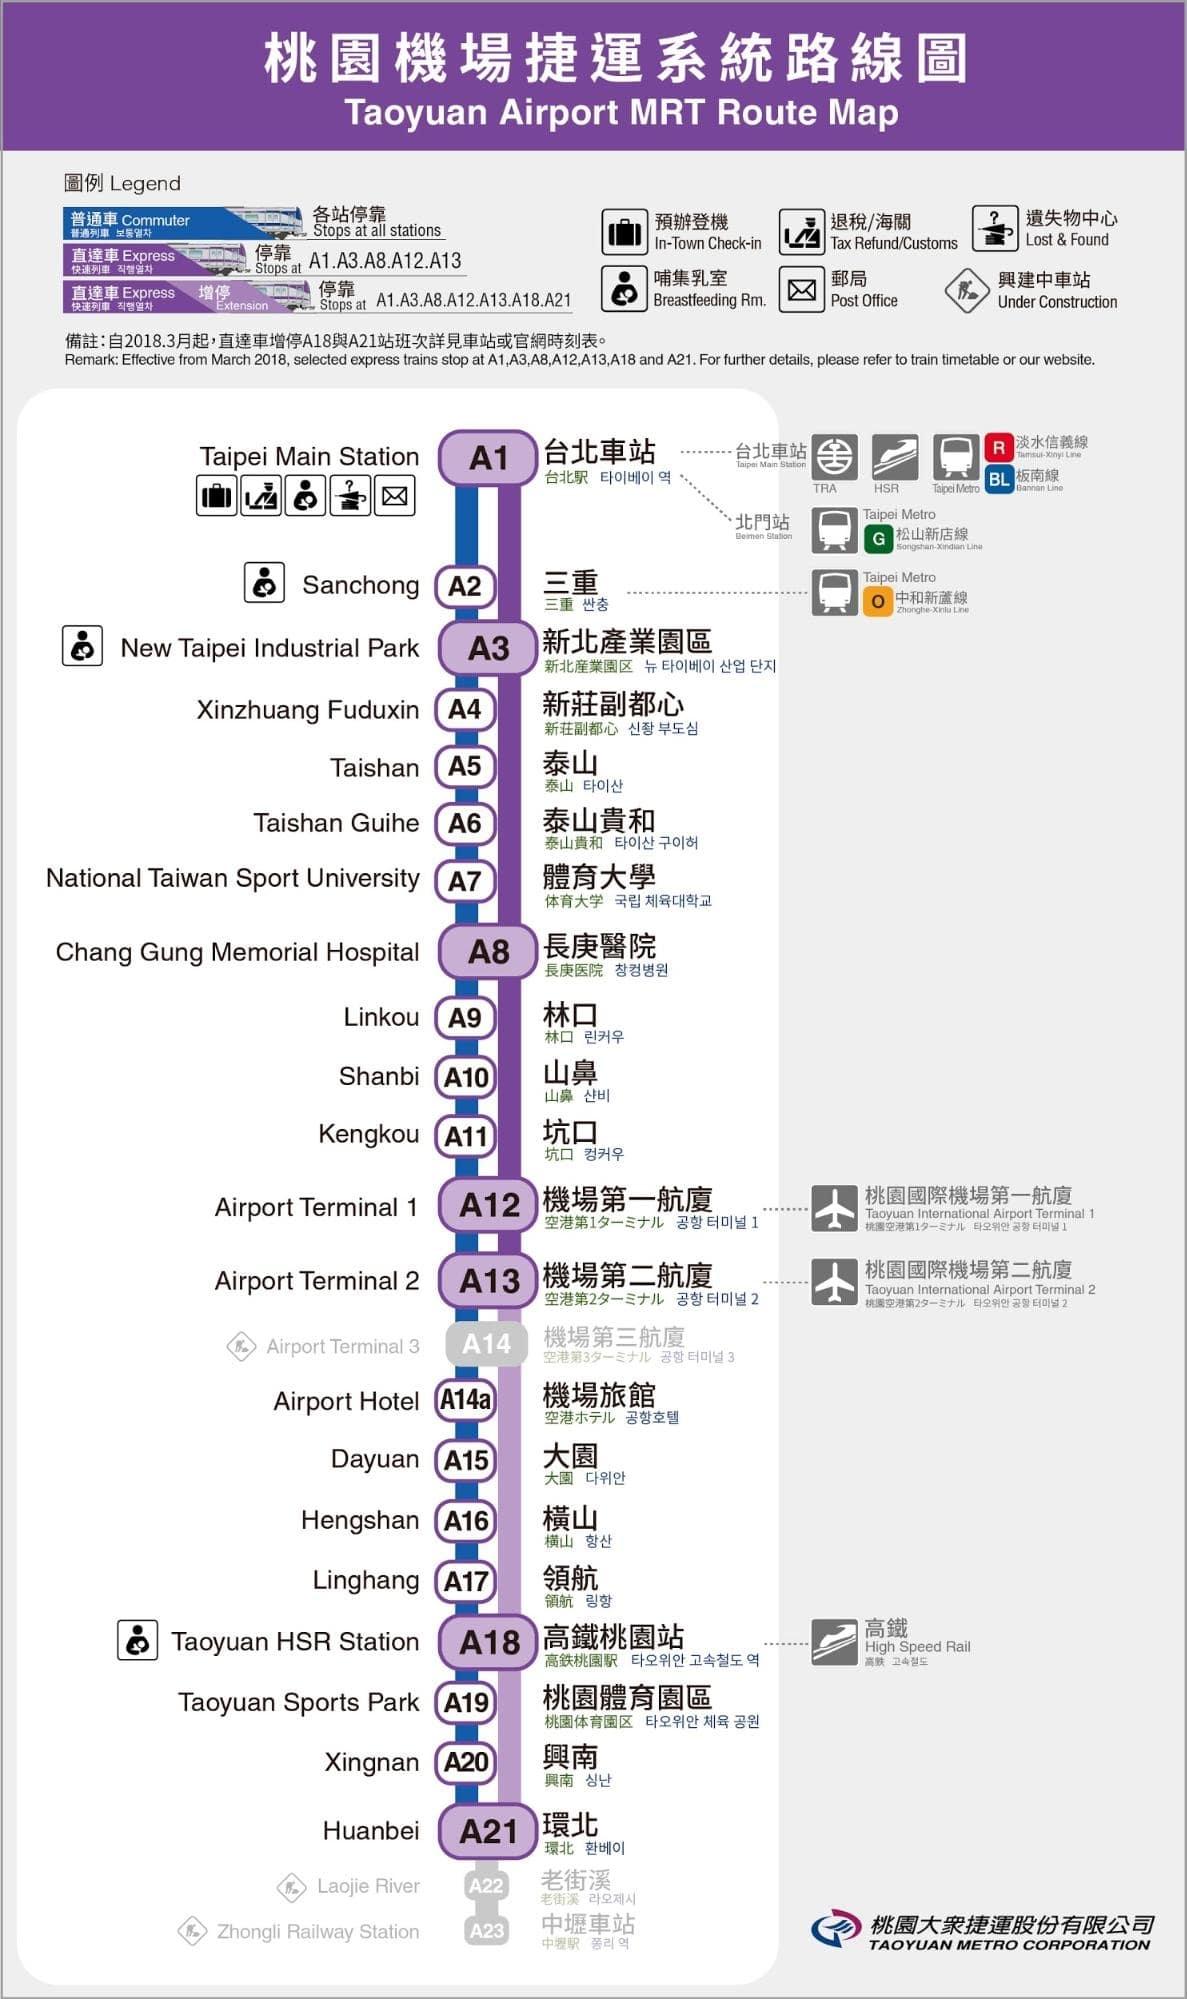 รถไฟสายเถาหยวน Taoyuan Metro